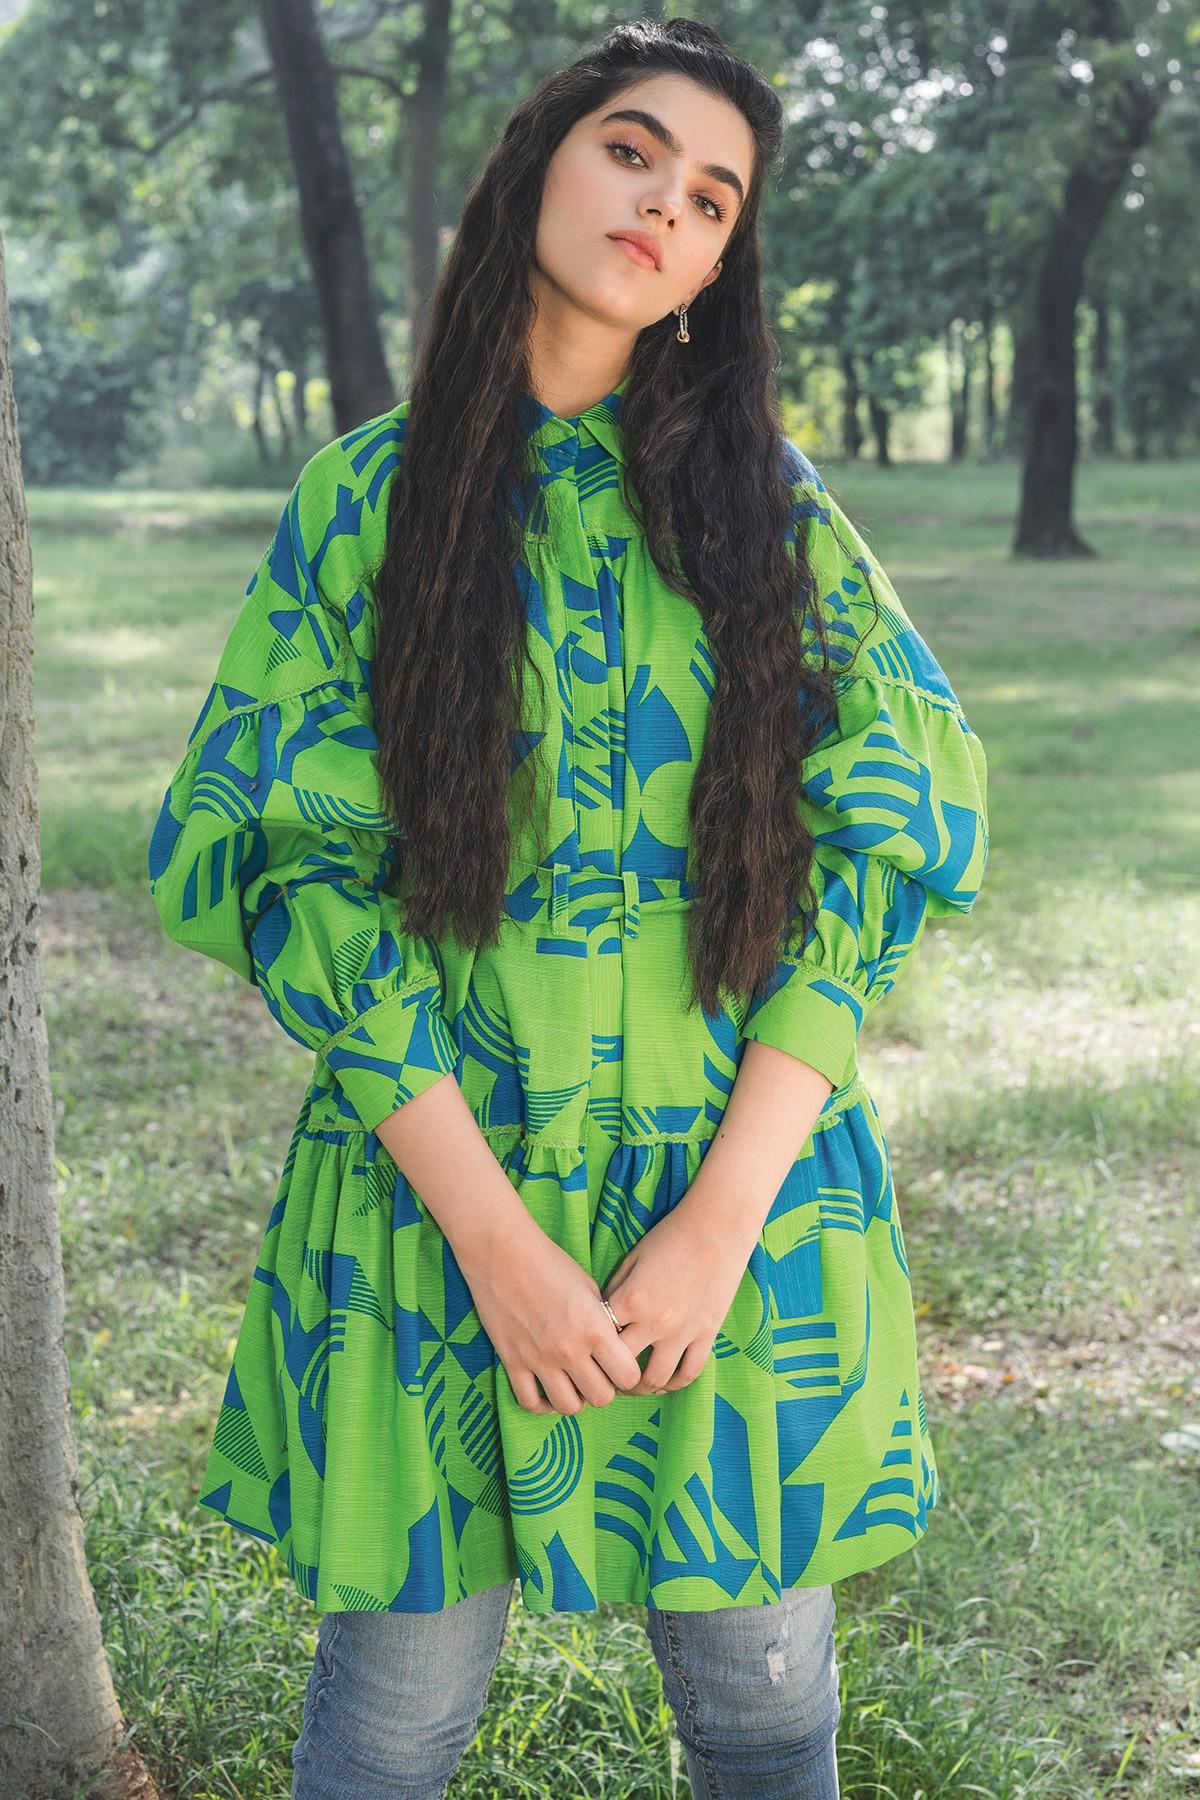 Al-Akaram winter MAK collection Green 1 Piece Printed Khaddar Shirt